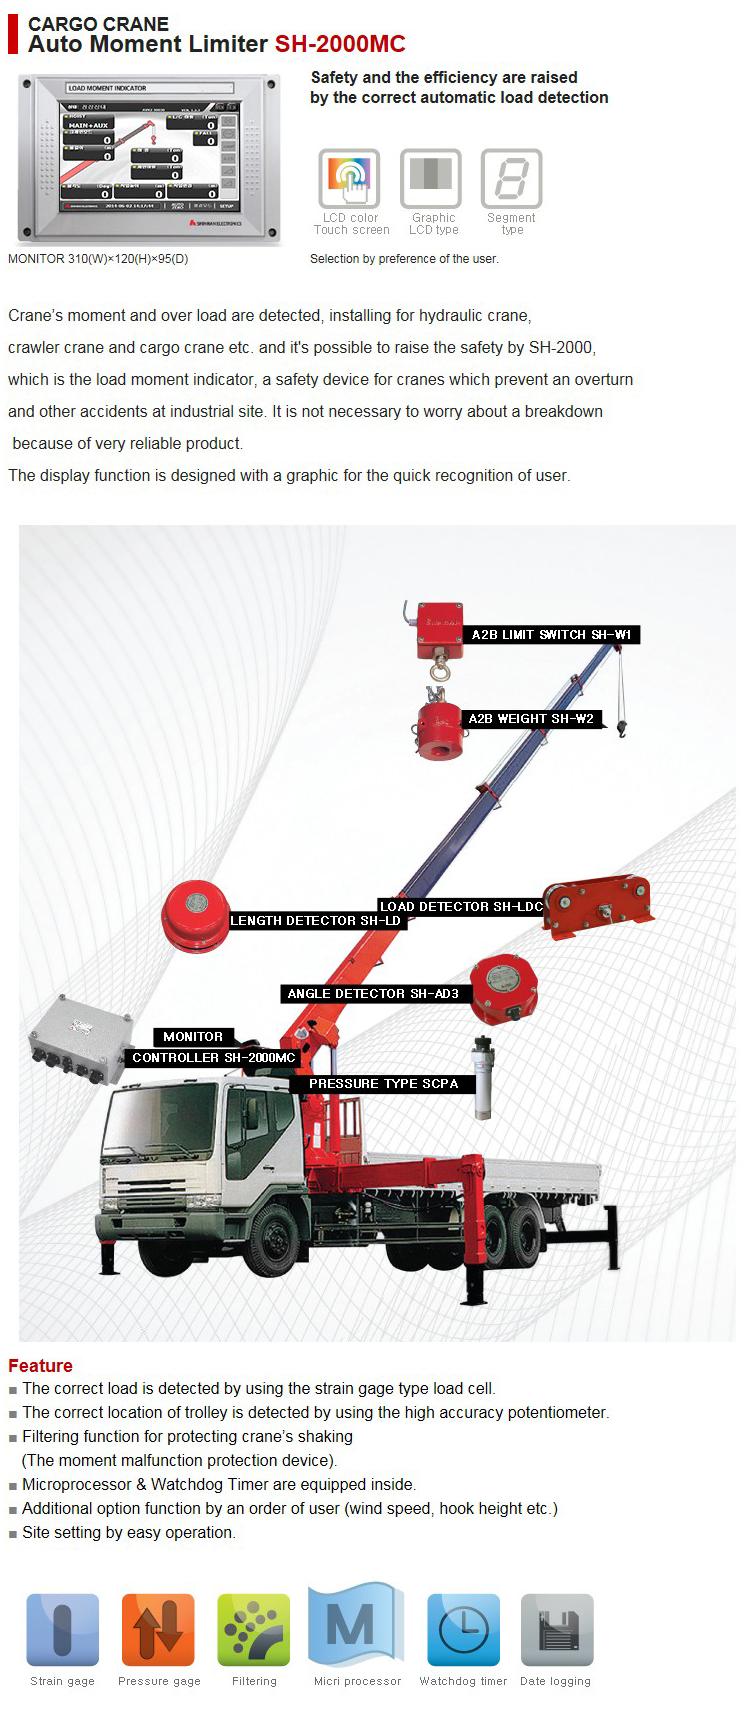 SHINHAN ELECTRIONICS Cargo Crane Auto Moment Limiter SH-2000MC